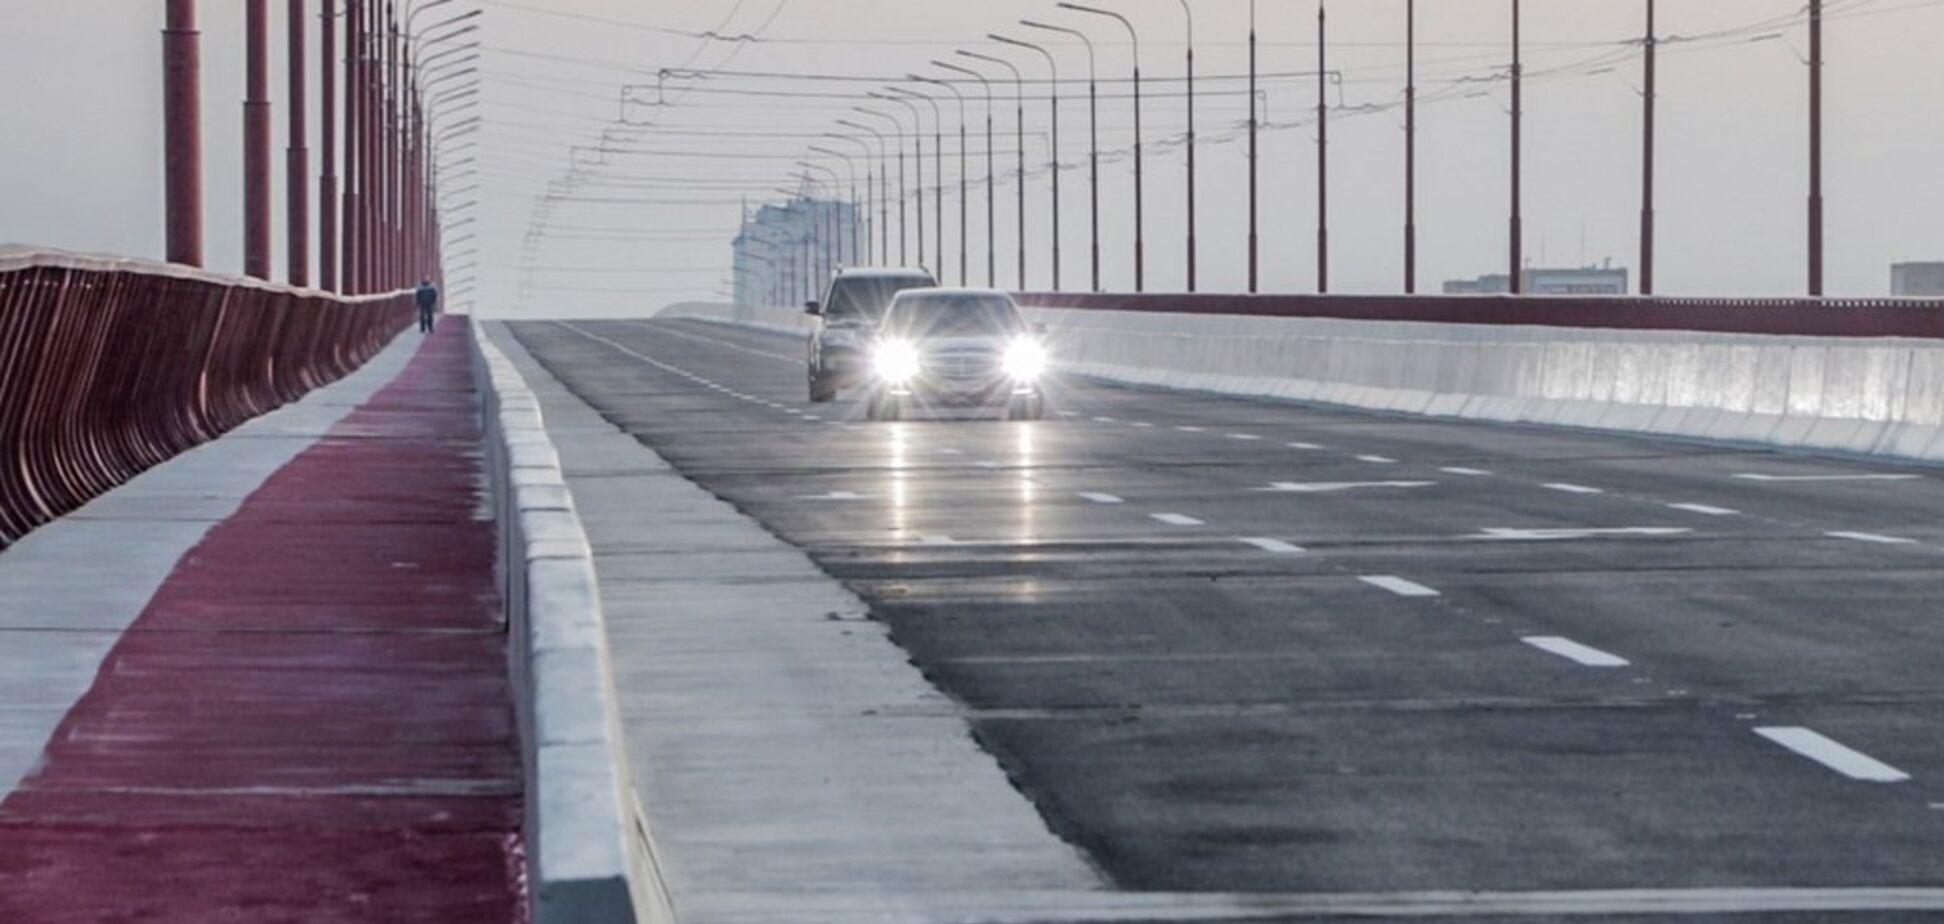 'Зшив' справу Центрального мосту': за що могли звільнити прокурора Дніпропетровської області